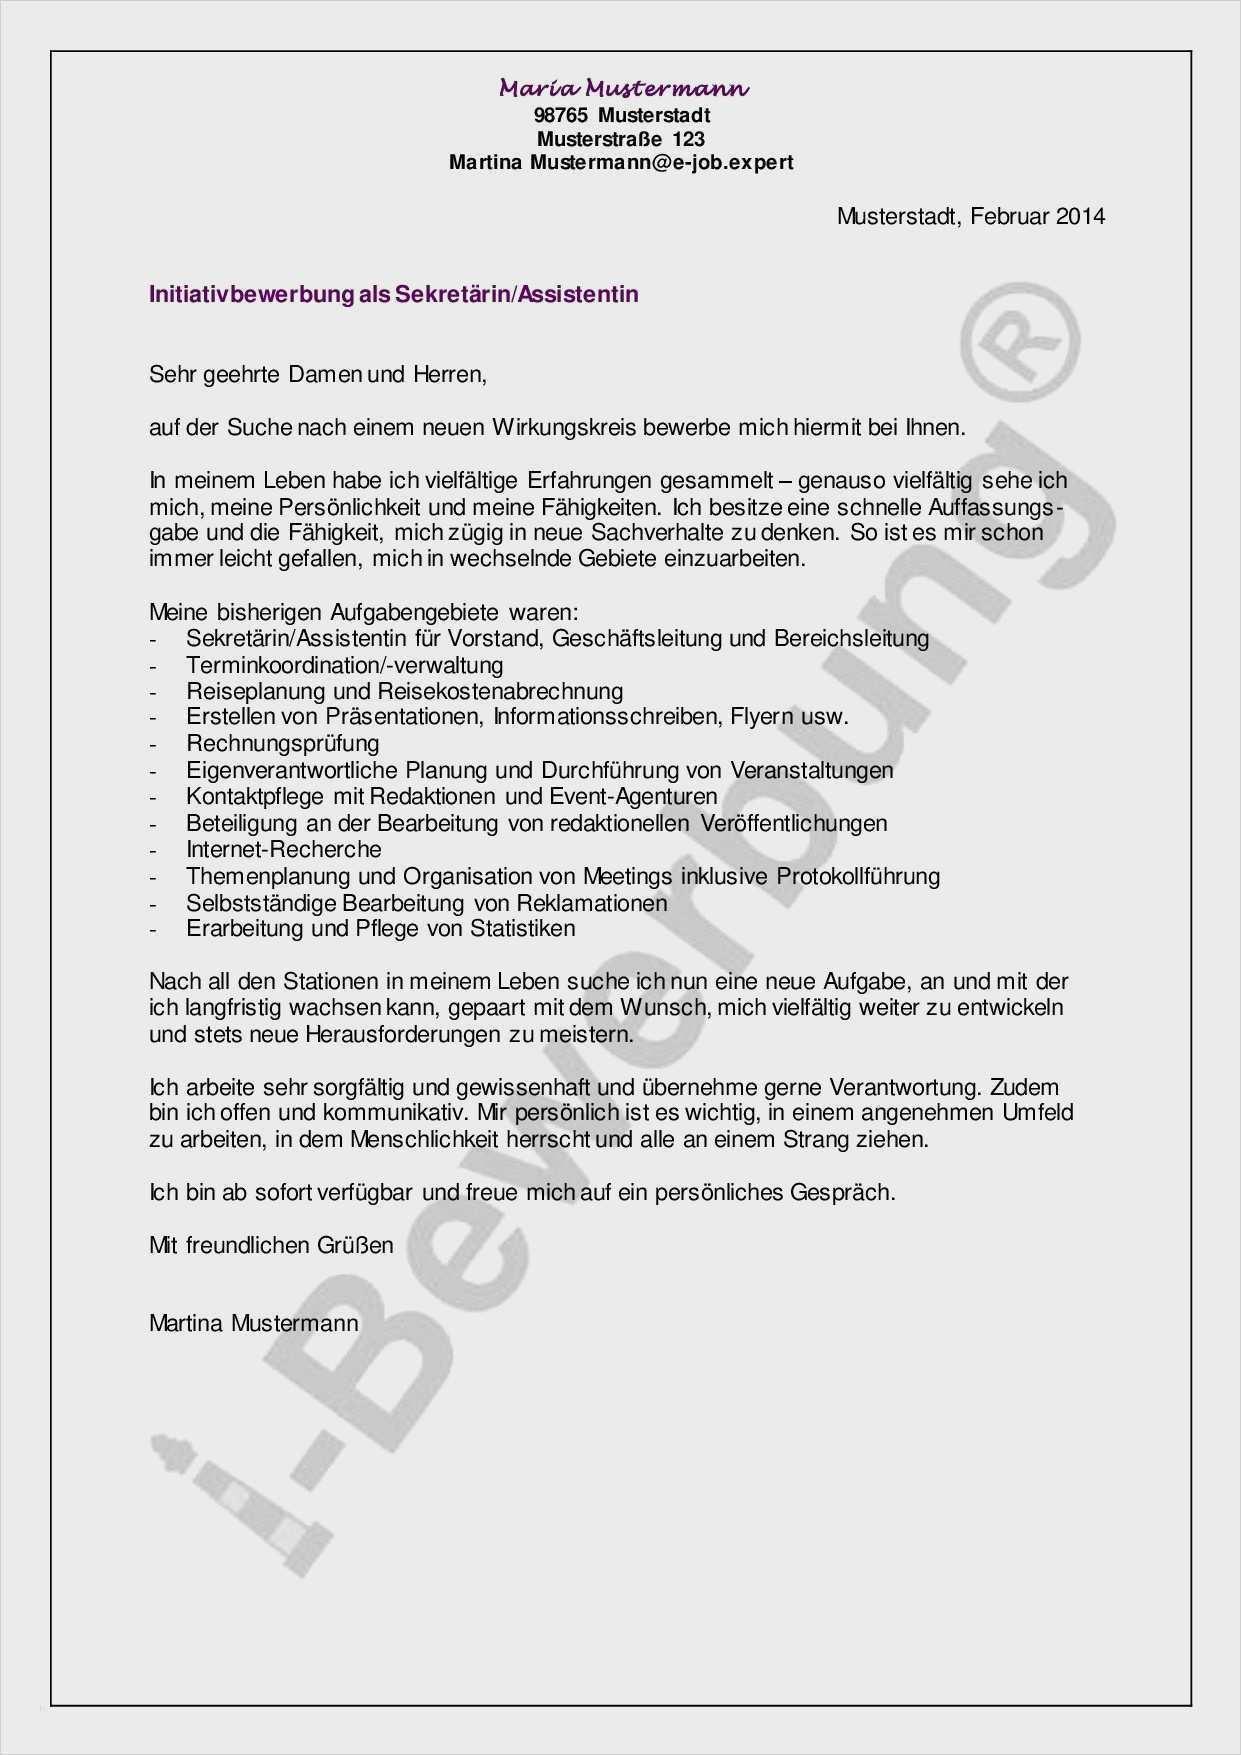 Motivationsschreiben Sekretarin Vorlage 43 Erstaunlich Praktisch Jene Konnen Anpassen Fur Ihr Bewerbung Anschreiben Muster Bewerbung Anschreiben Bewerbung